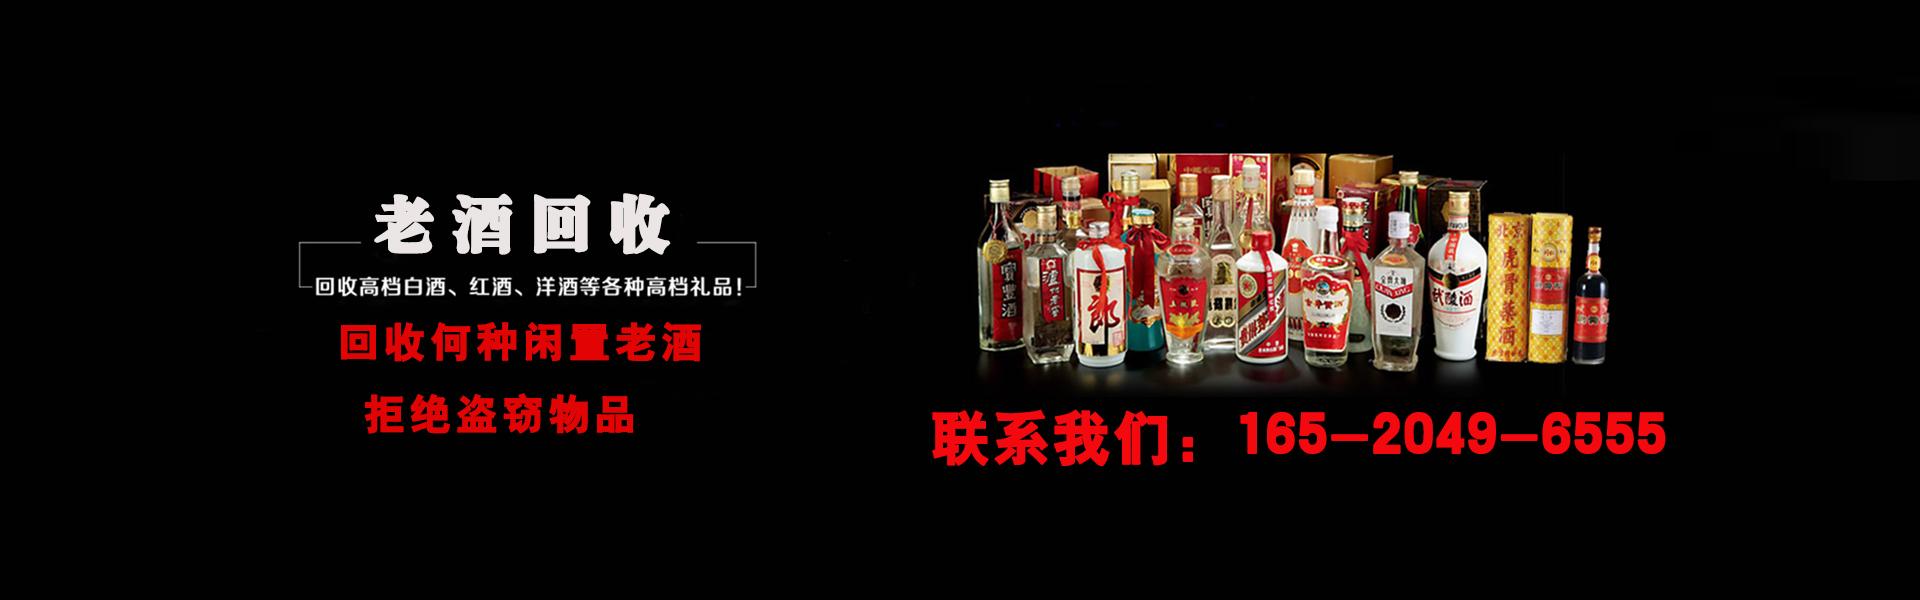 山东高价回收老酒